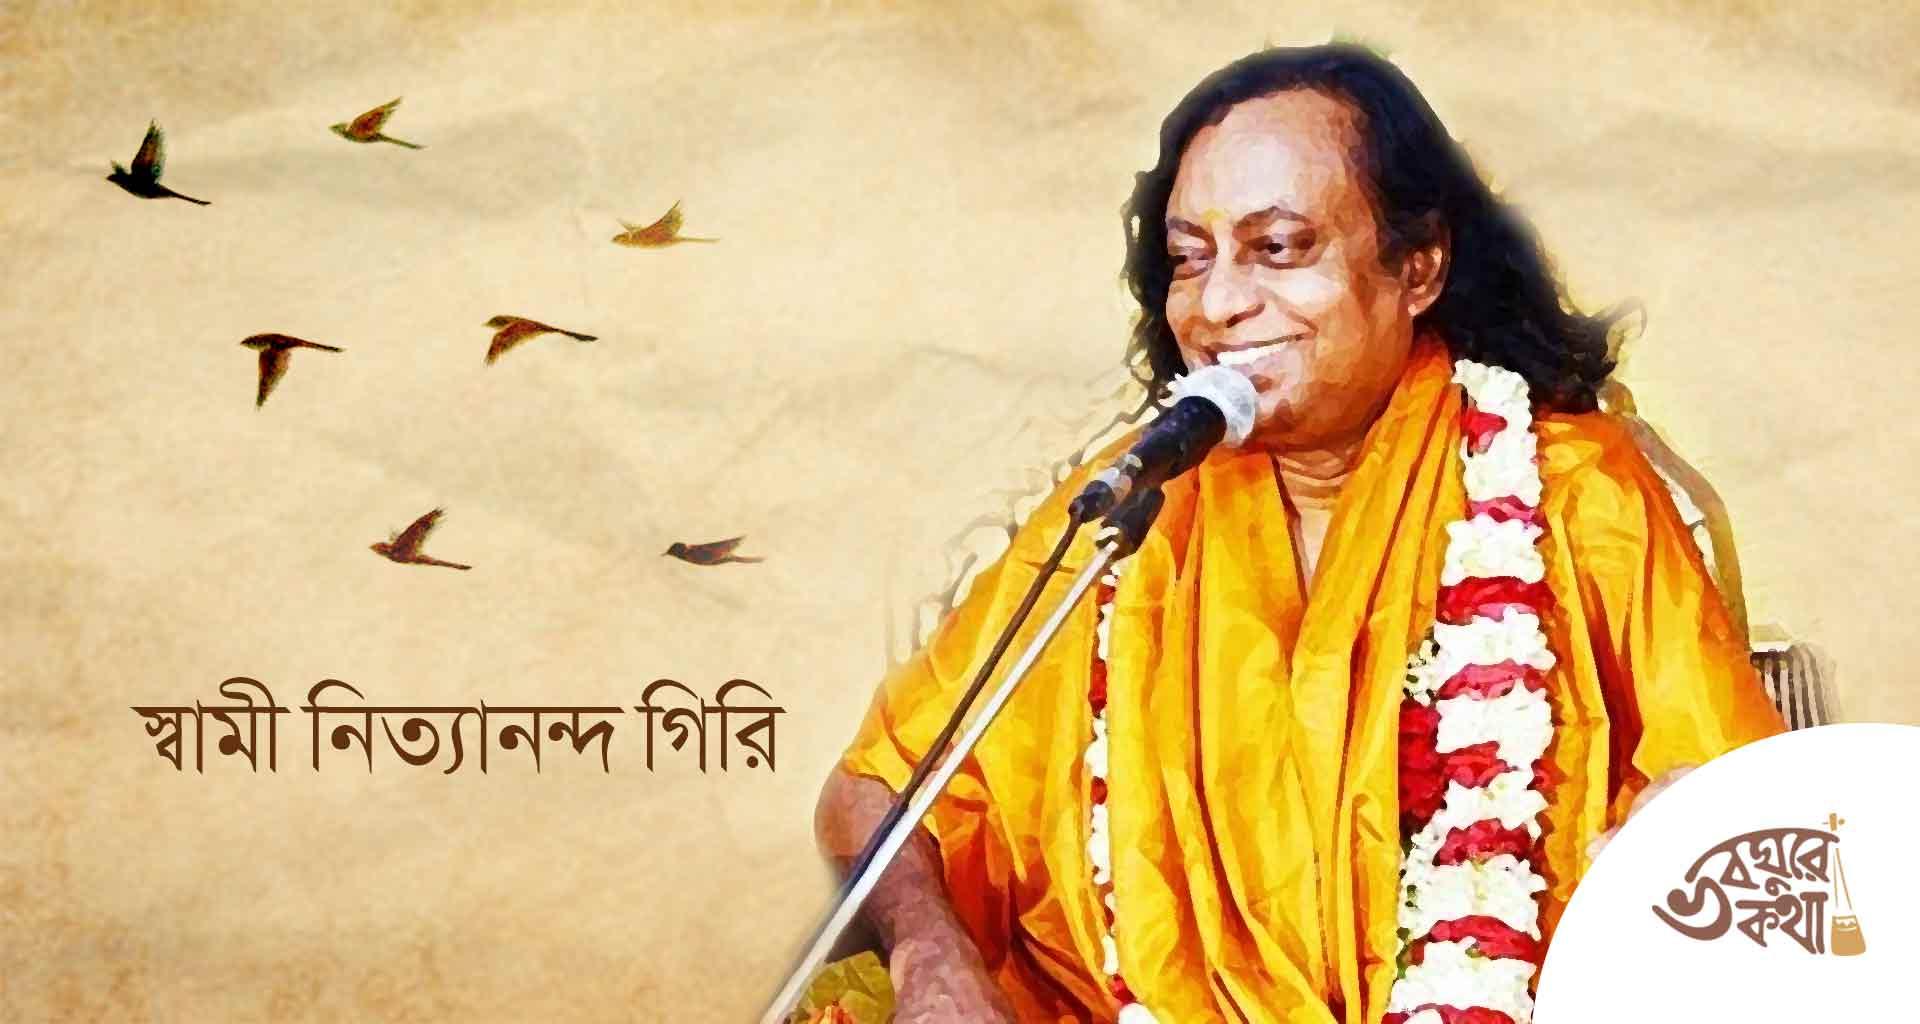 স্বামী নিত্যানন্দ গিরির বাণী: তেরো